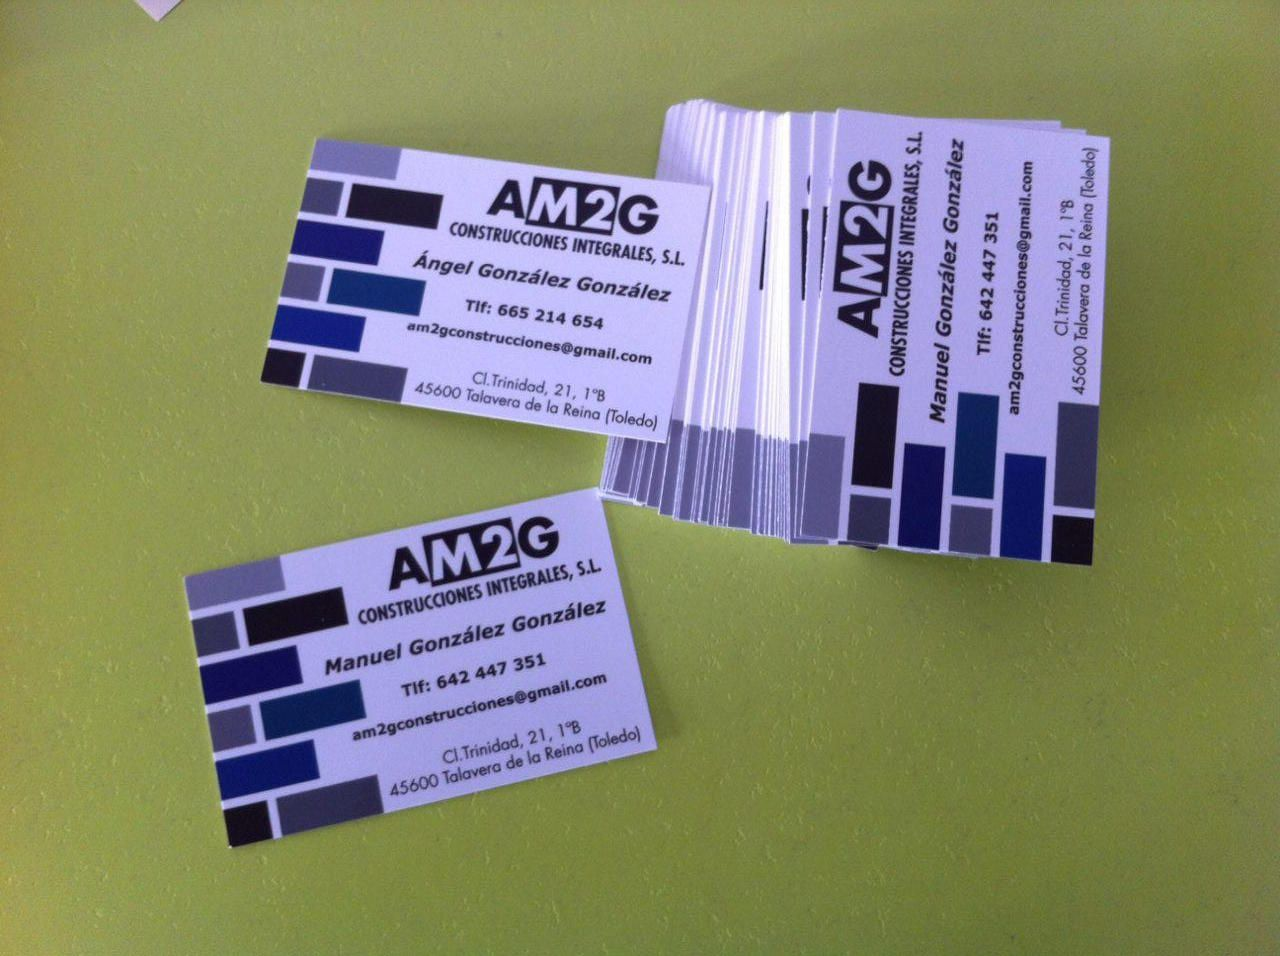 """Tarjeta de visita papel 350 gr. impresión CMYK y barnizado mate """"AM2G Construcciones Integrales"""""""